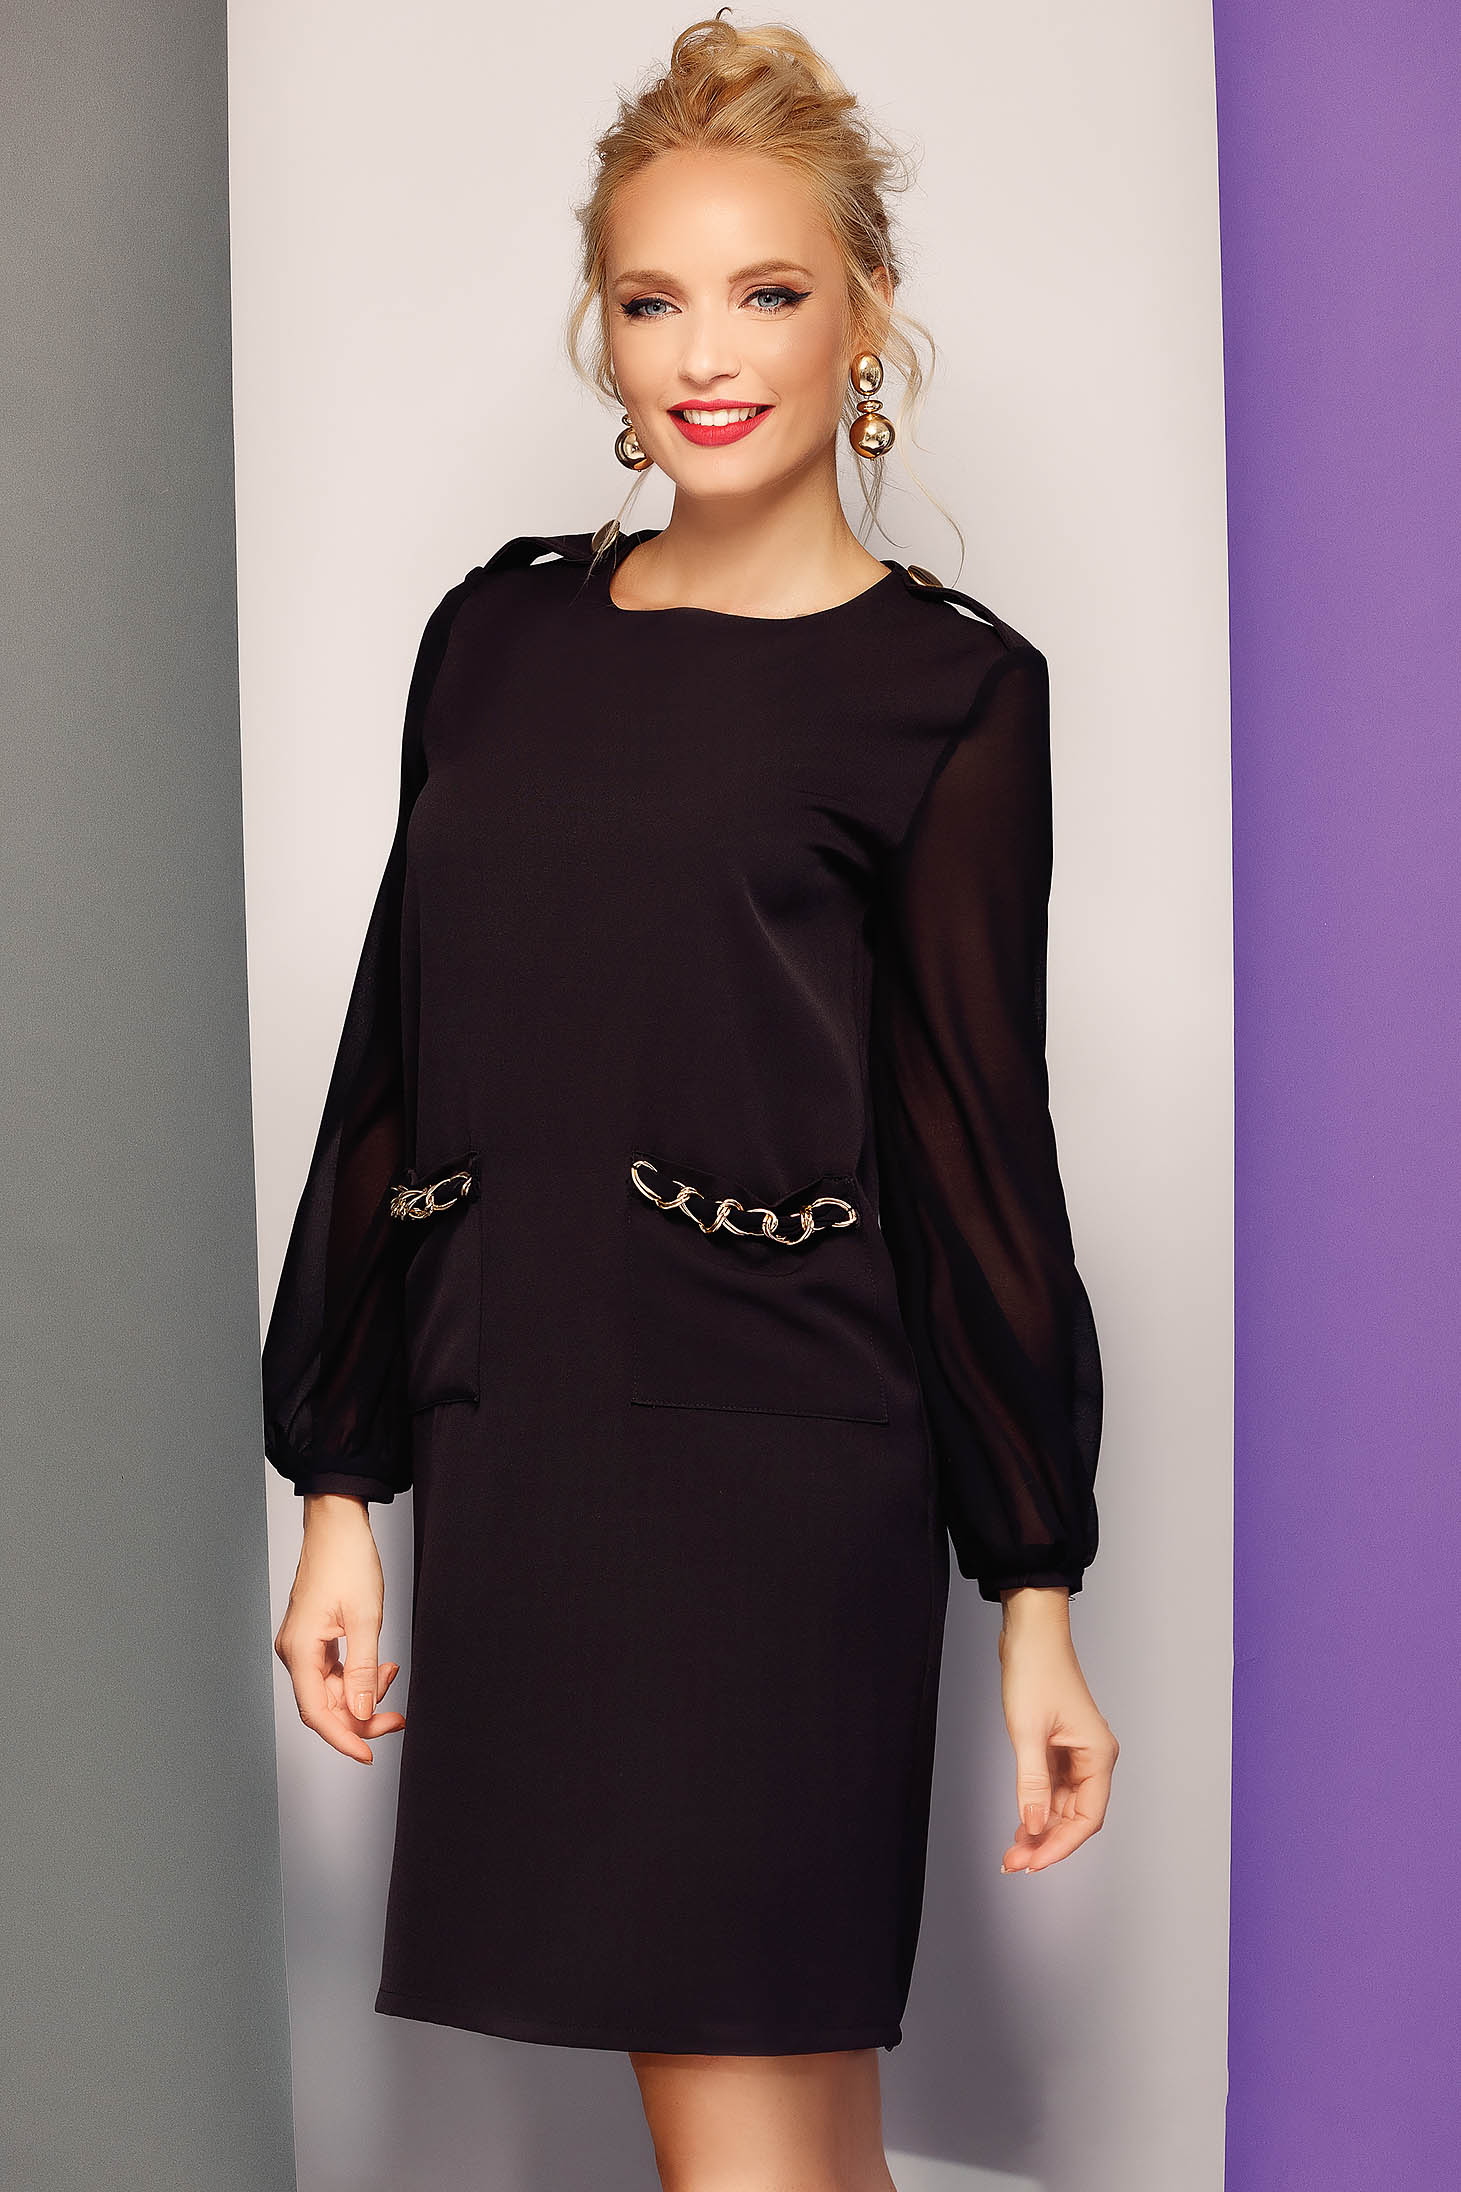 Rochie Fofy neagra eleganta cu croi in A cu maneci din voal accesorizata cu lant metalic